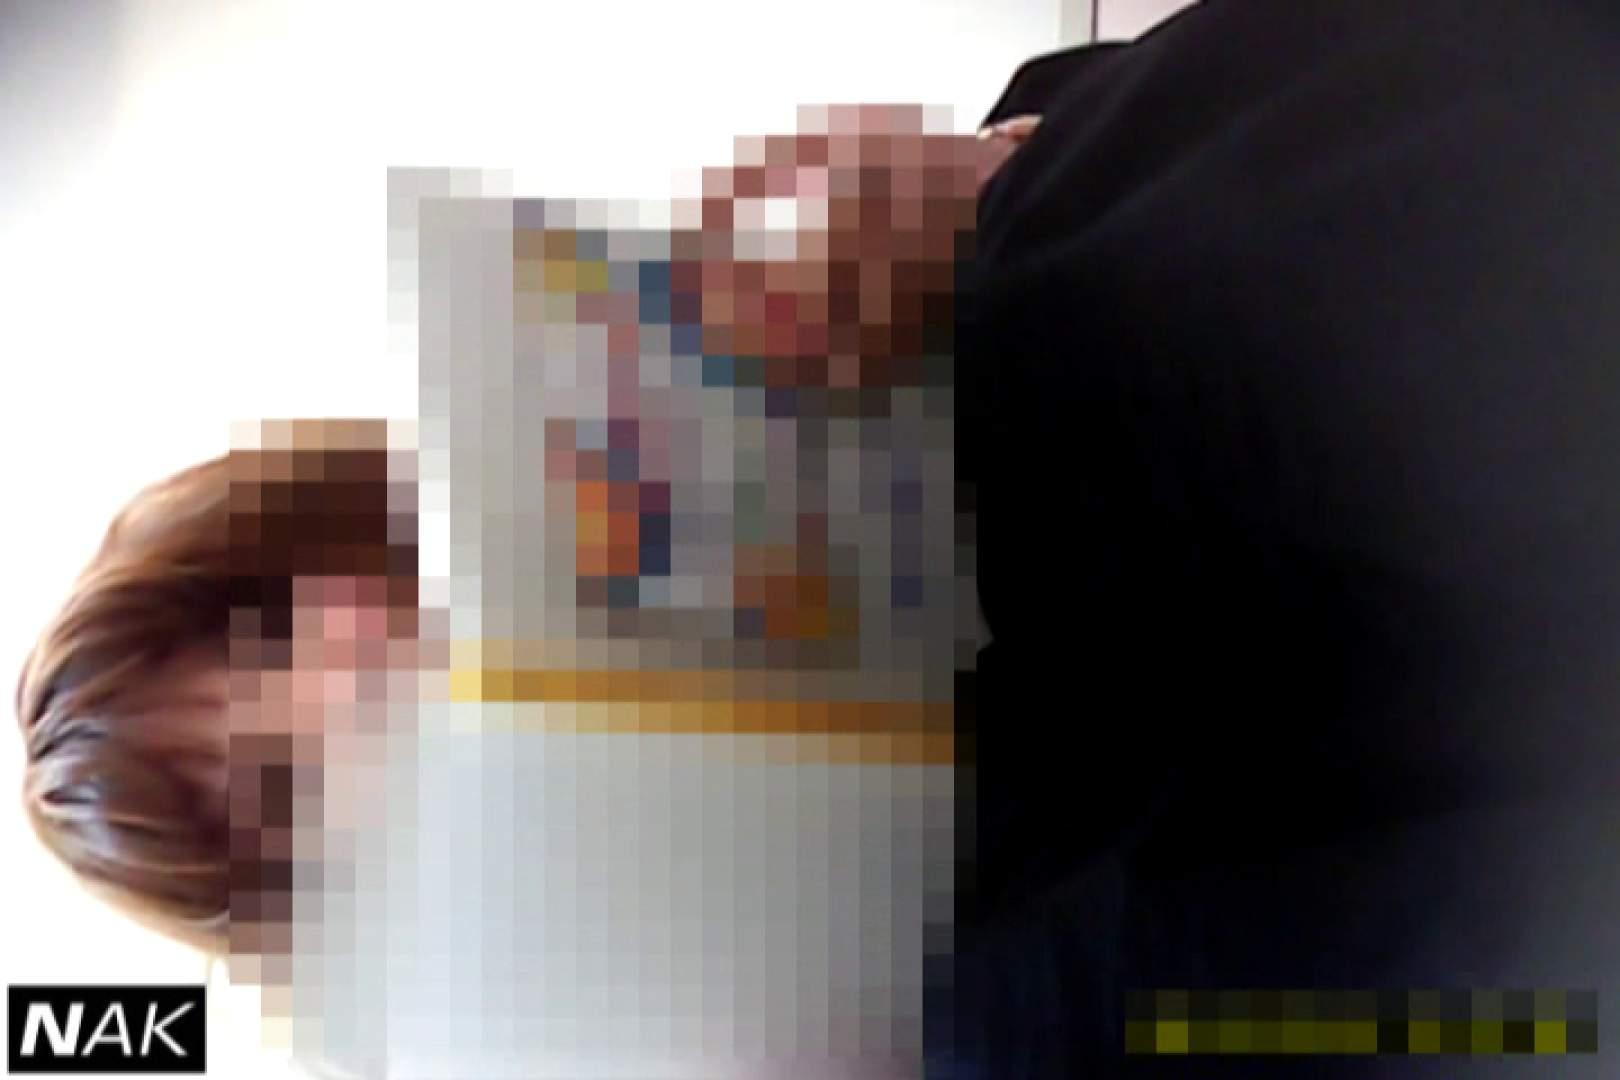 超高画質5000K!脅威の1点集中かわや! vol.02 マンコ・ムレムレ 戯れ無修正画像 92pic 87